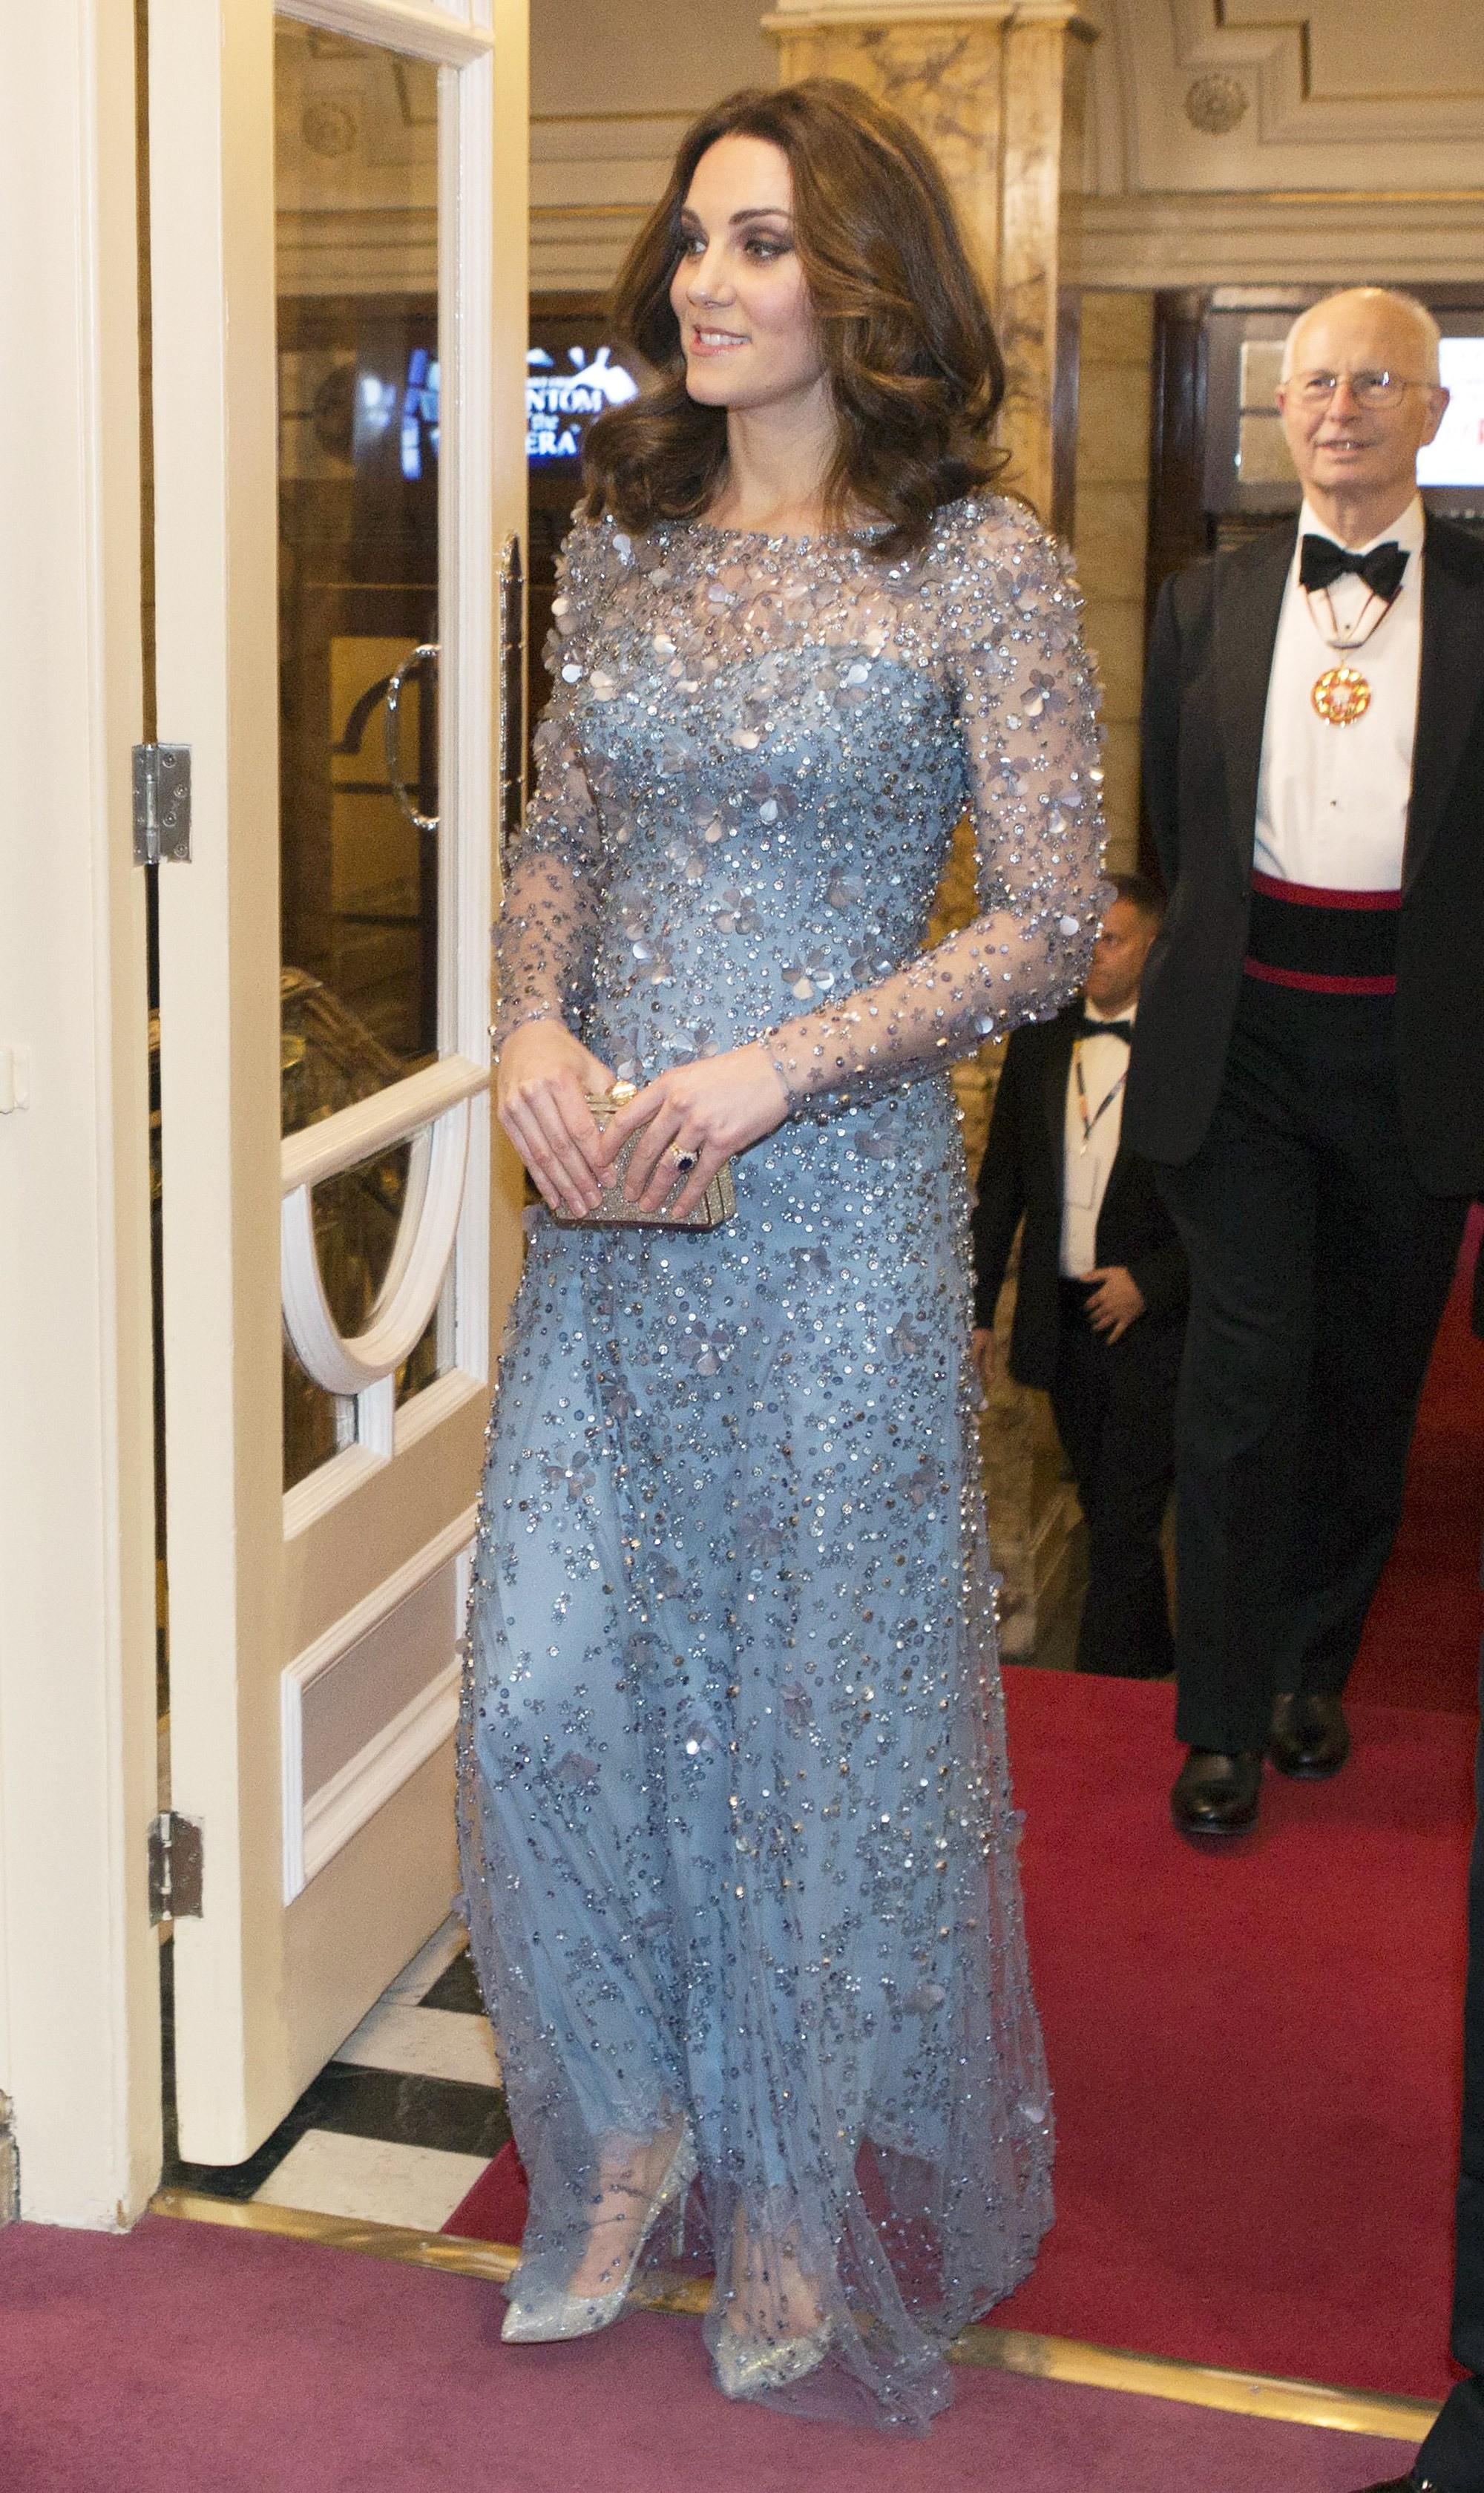 Hãy xem phản ứng của Kate Middleton khi bị một bé gái hỏi 'Tại sao cô không mặc váy công chúa Elsa?' - Ảnh 3.